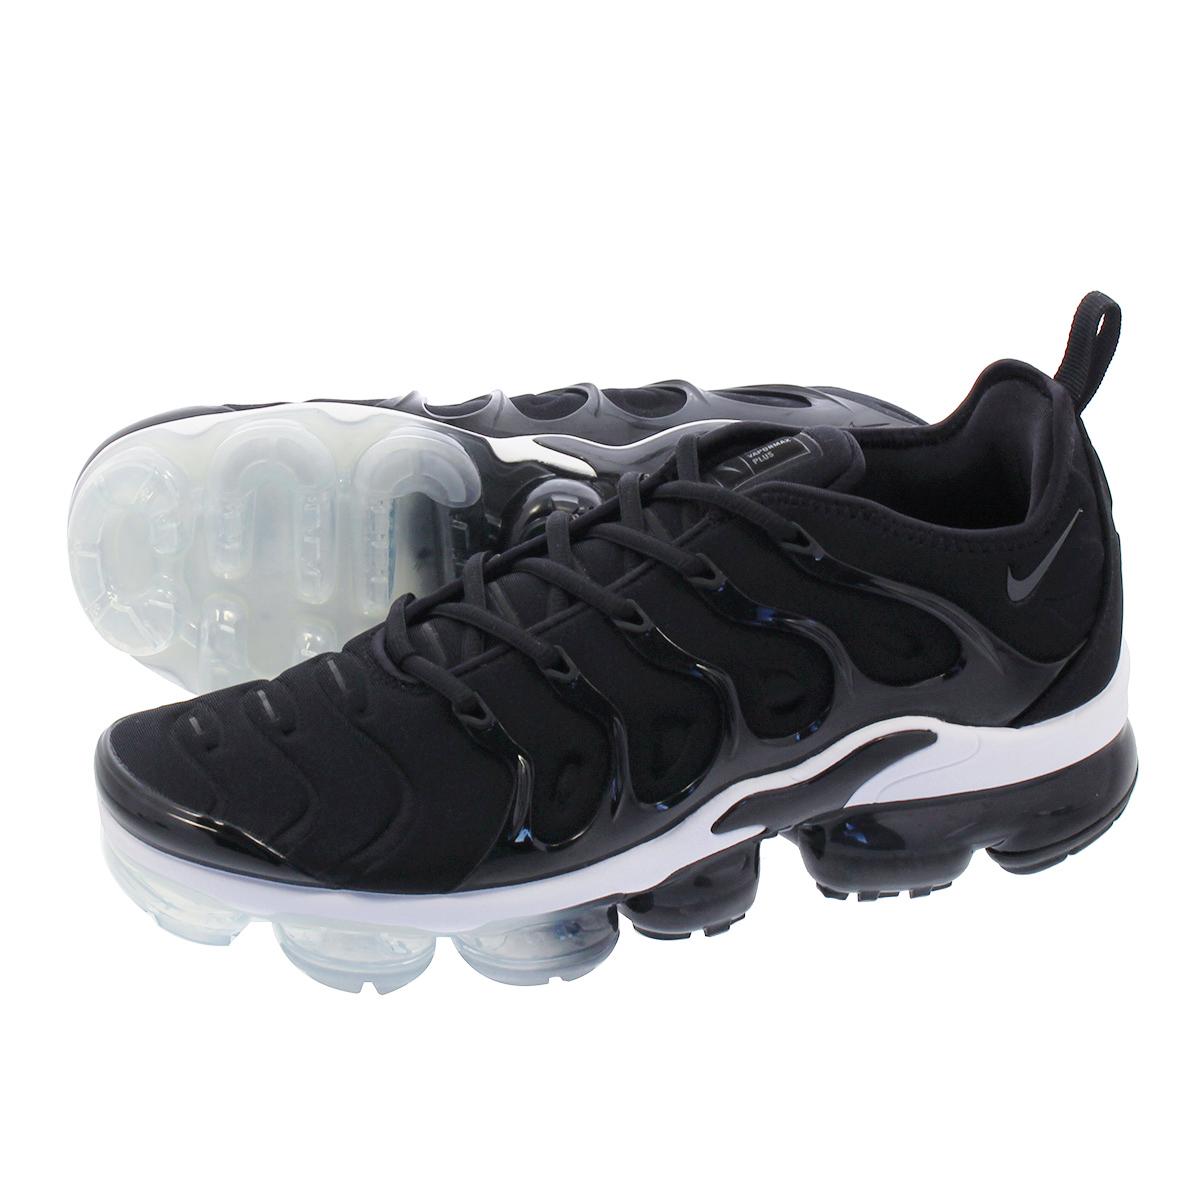 NIKE AIR VAPORMAX PLUS ナイキ ヴェイパー マックス プラス BLACK/ANTHRACITE/WHITE 924453-010